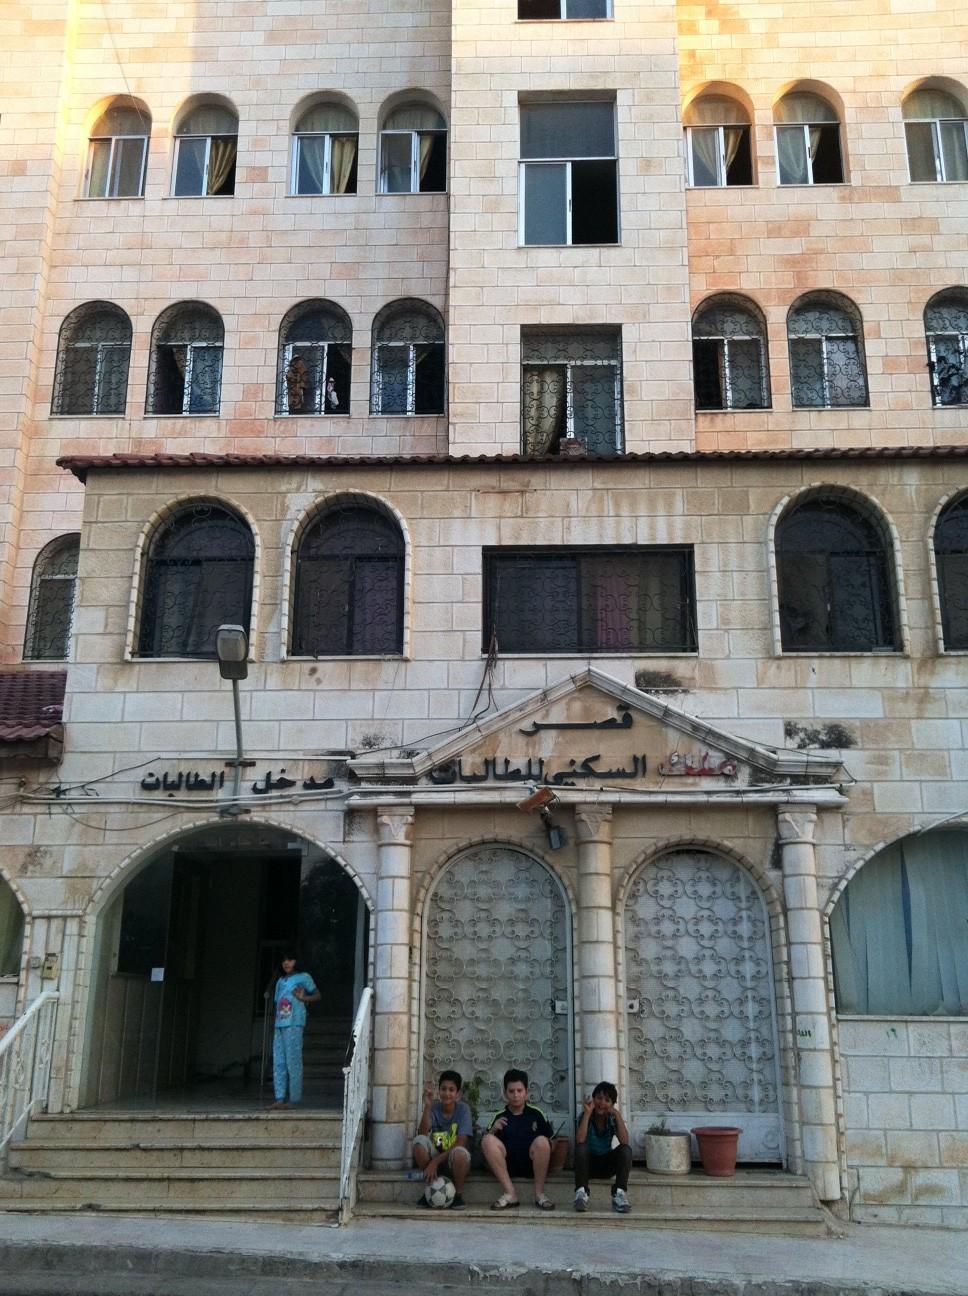 Des familles syriennes ont trouvé refuge dans cet immeuble du centre-ville d'Irbid en Jordanie. Août 2013. www.merblanche.com all rights reserved